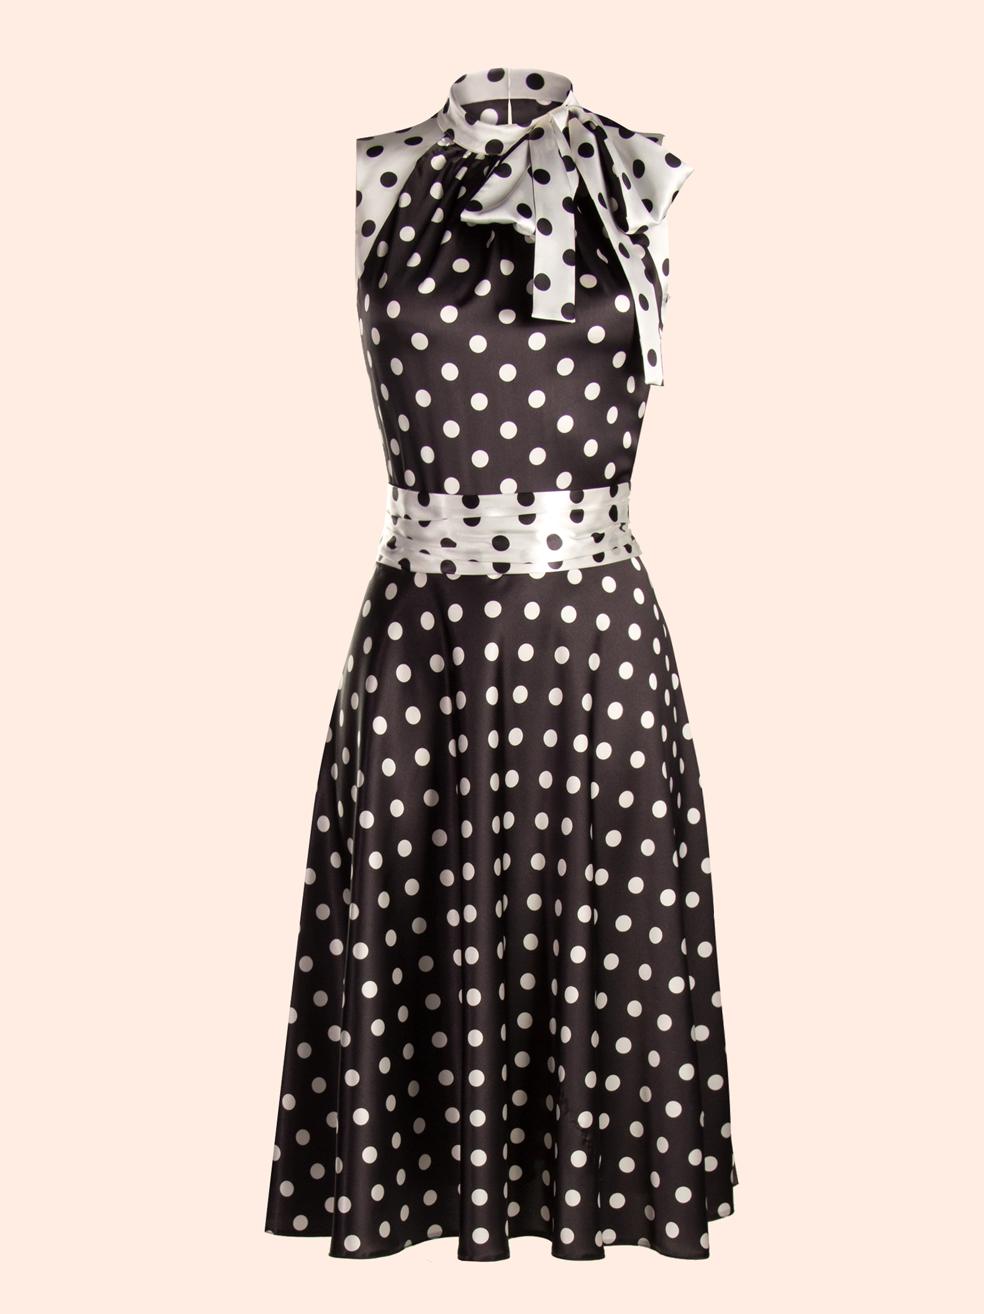 модели одежды для полных женщин фото